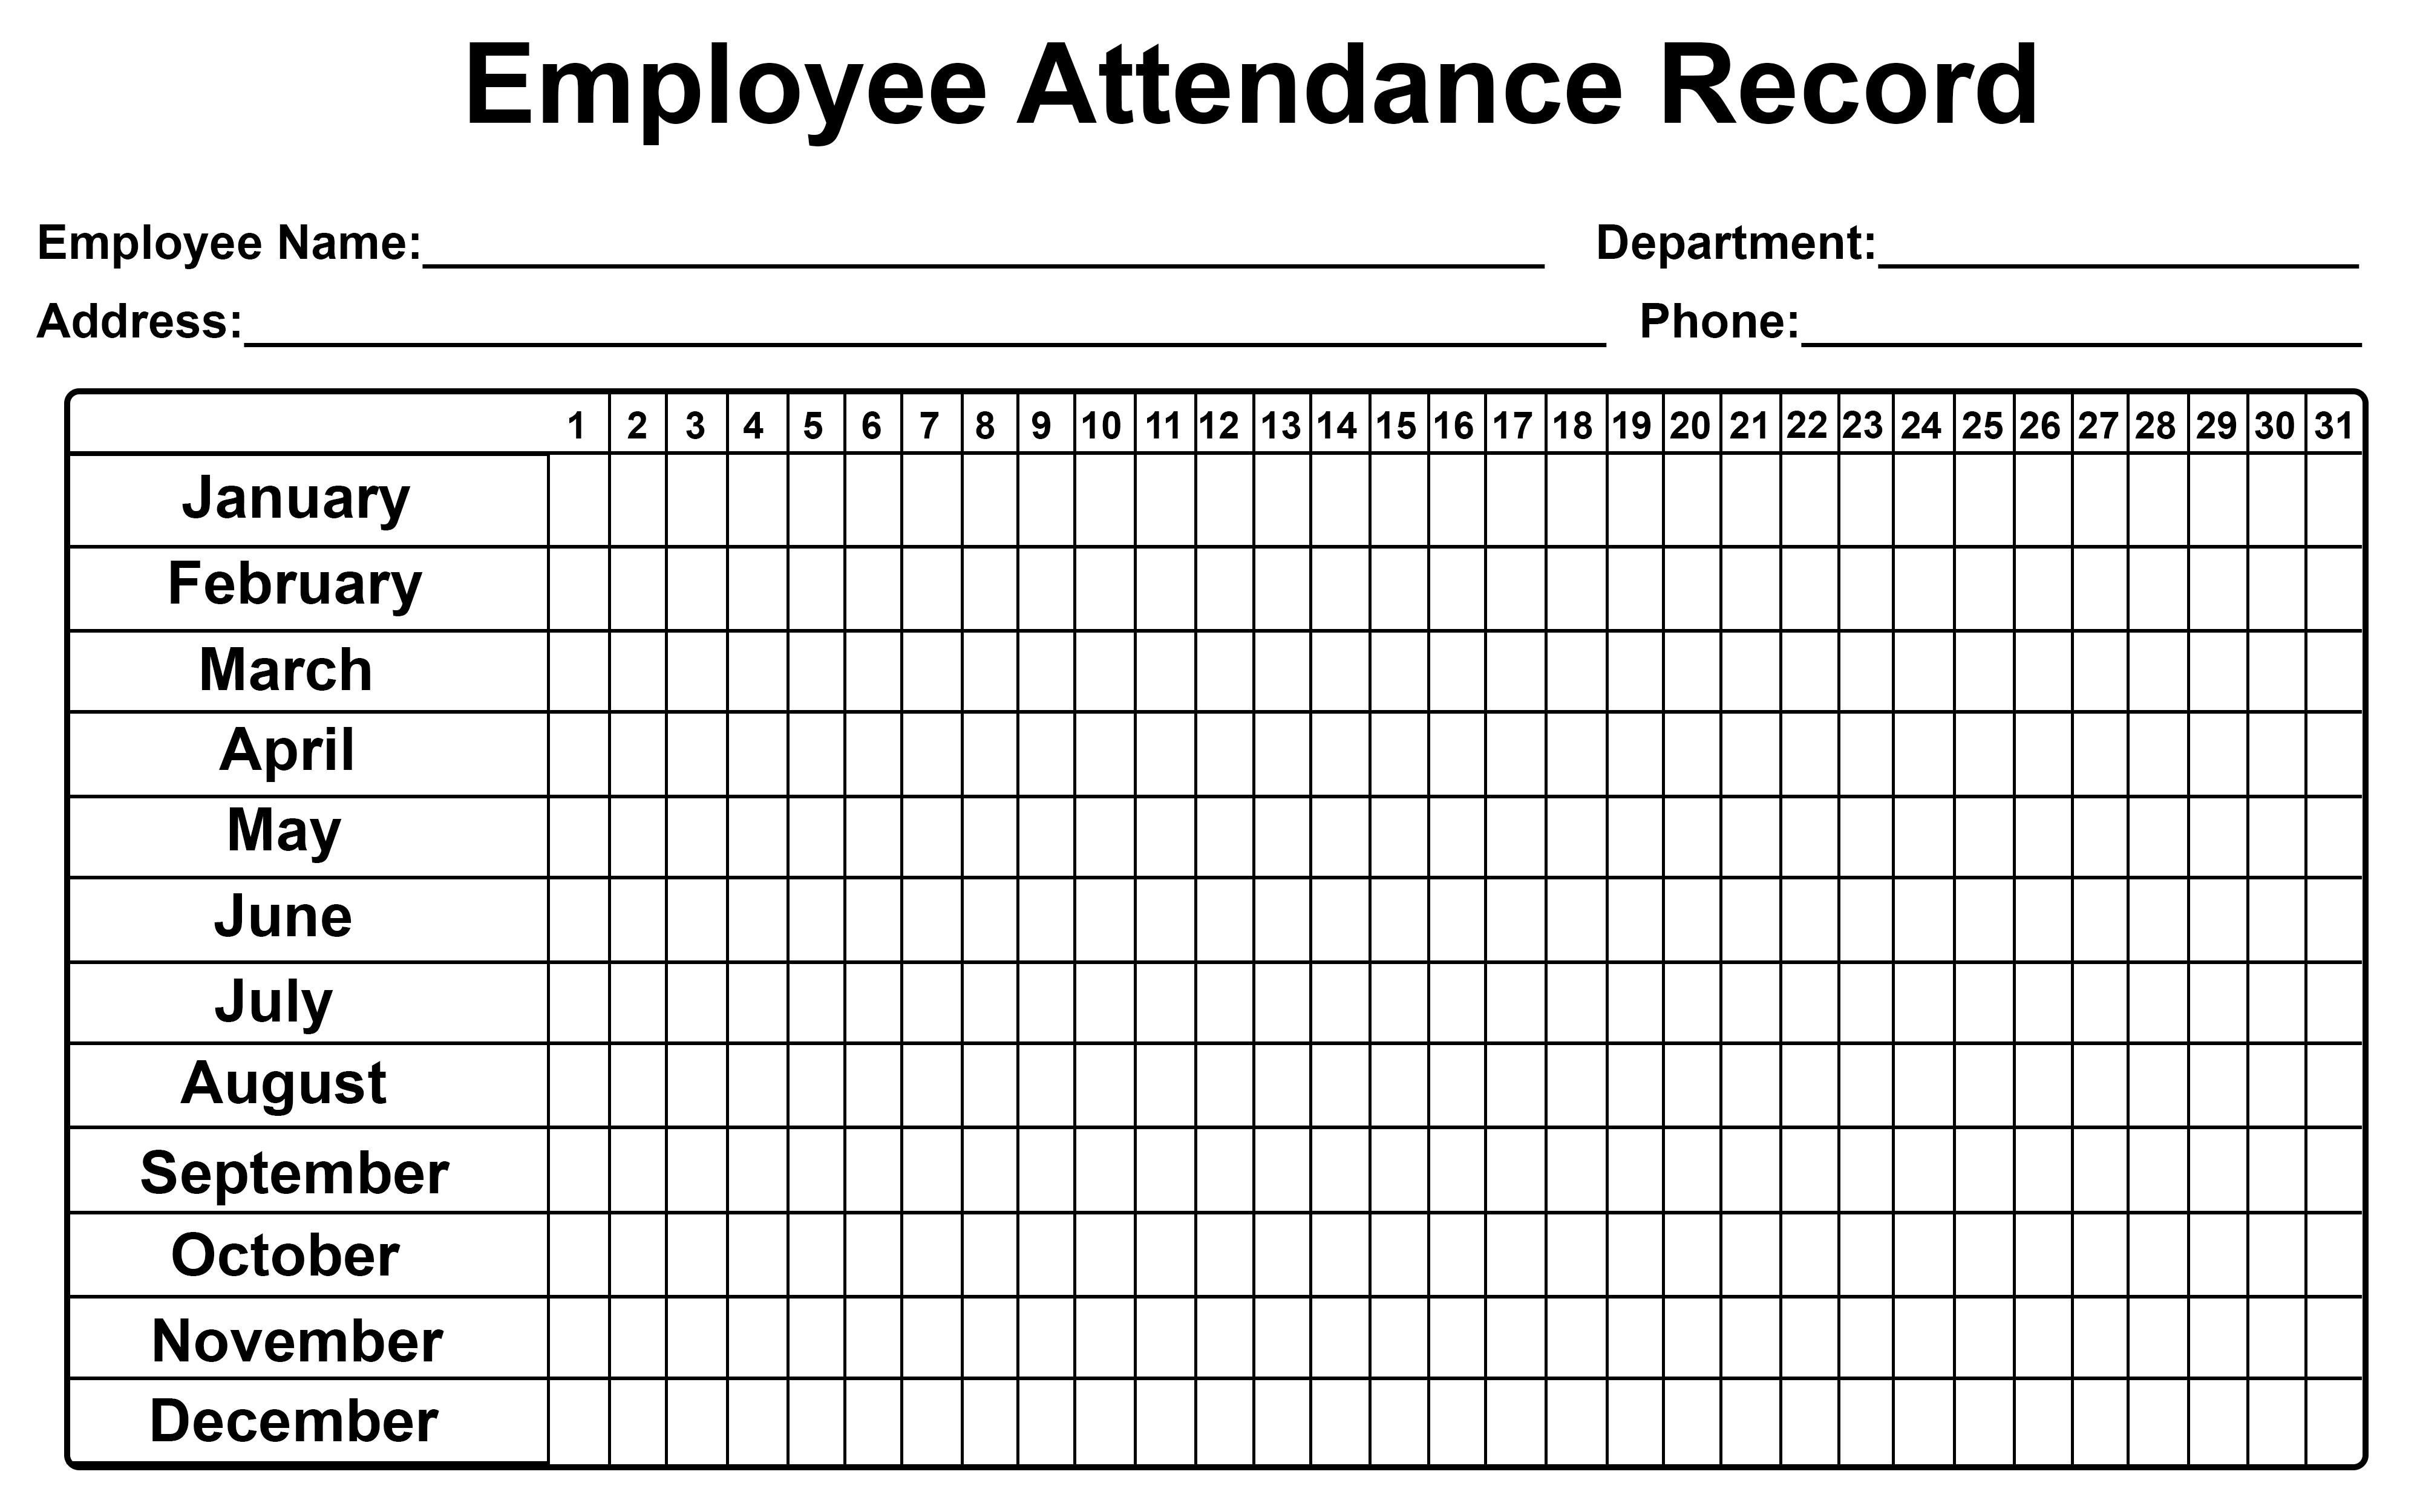 Employee Attendance Tracker Sheet 2019 | Printable Calendar